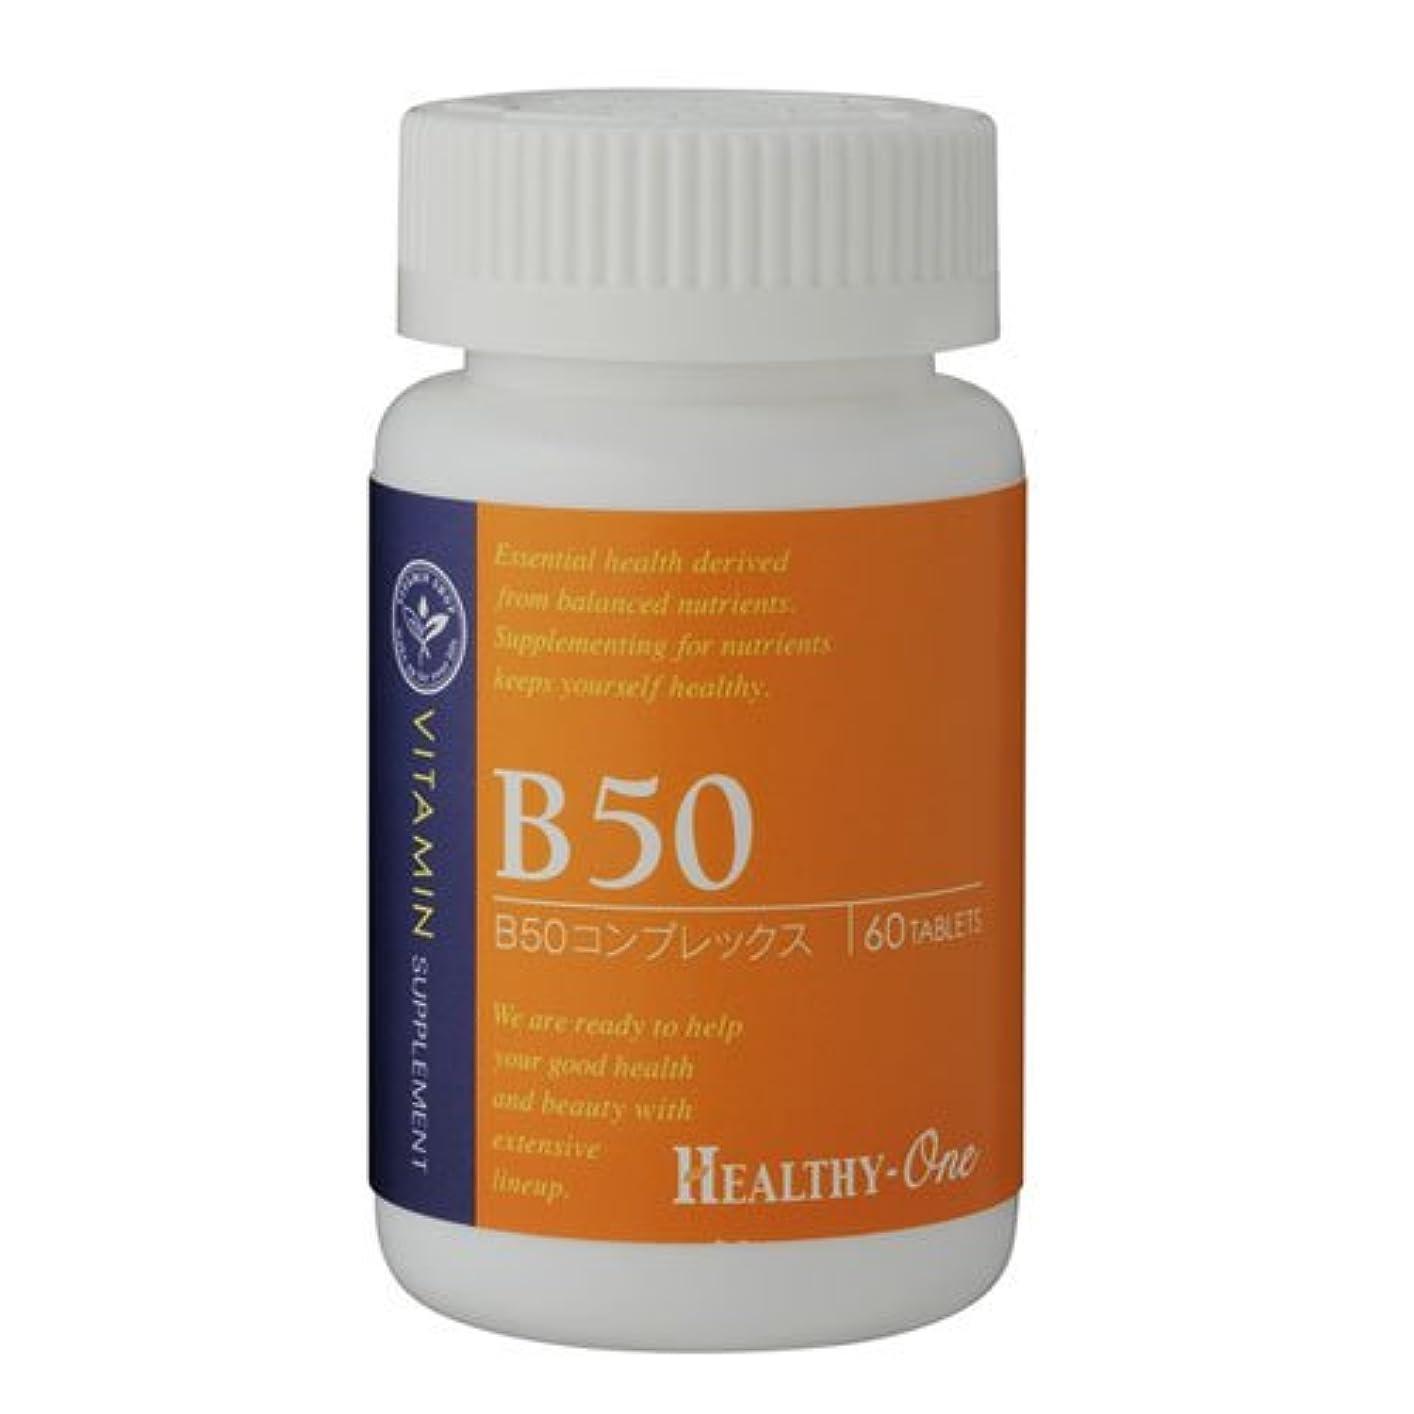 警告する放出処分した【栄養士常駐】 ビタミンB50 60粒 30~60日分 サプリメント専門店ヘルシーワン(国内17店舗展開)TELでお気軽に相談ください